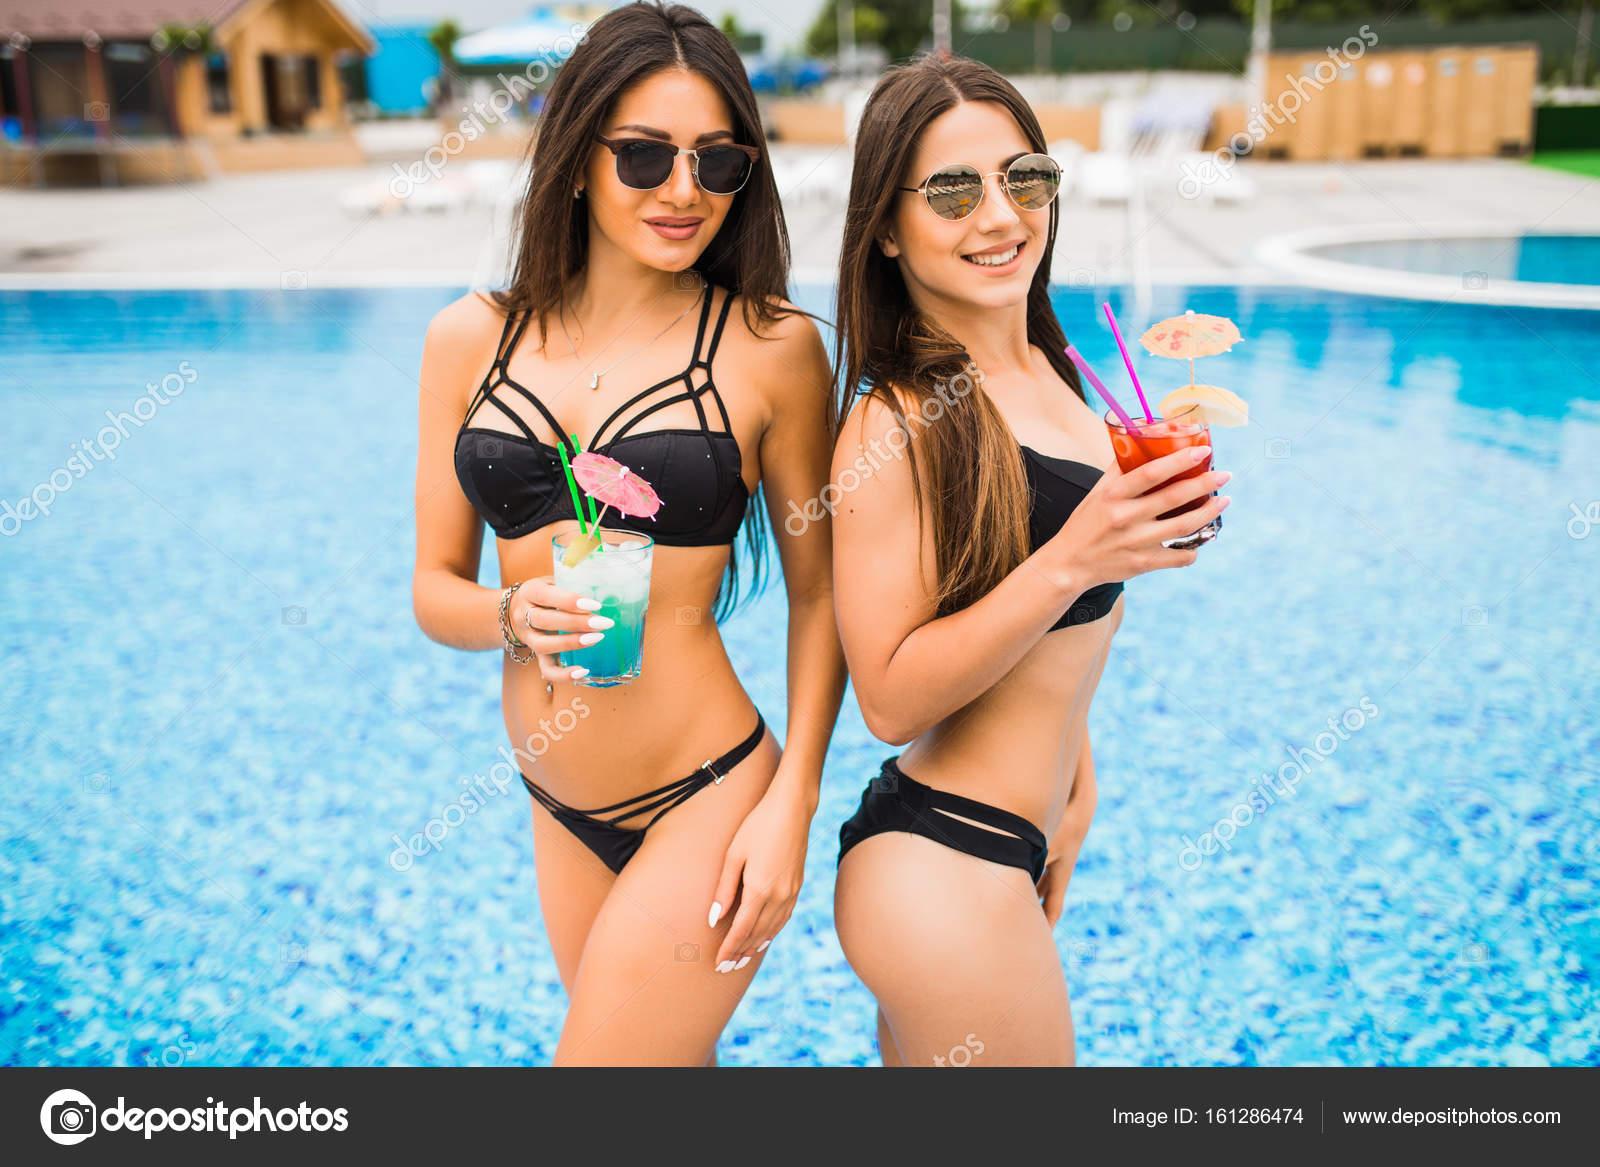 Фото девушек в купальниках длинных мужчины дрочат видео